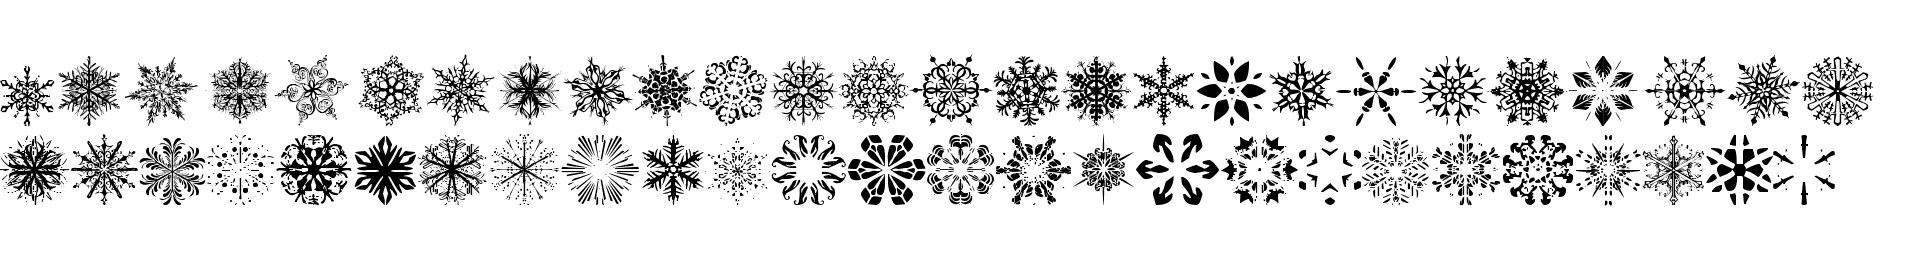 Snowflakes tfb